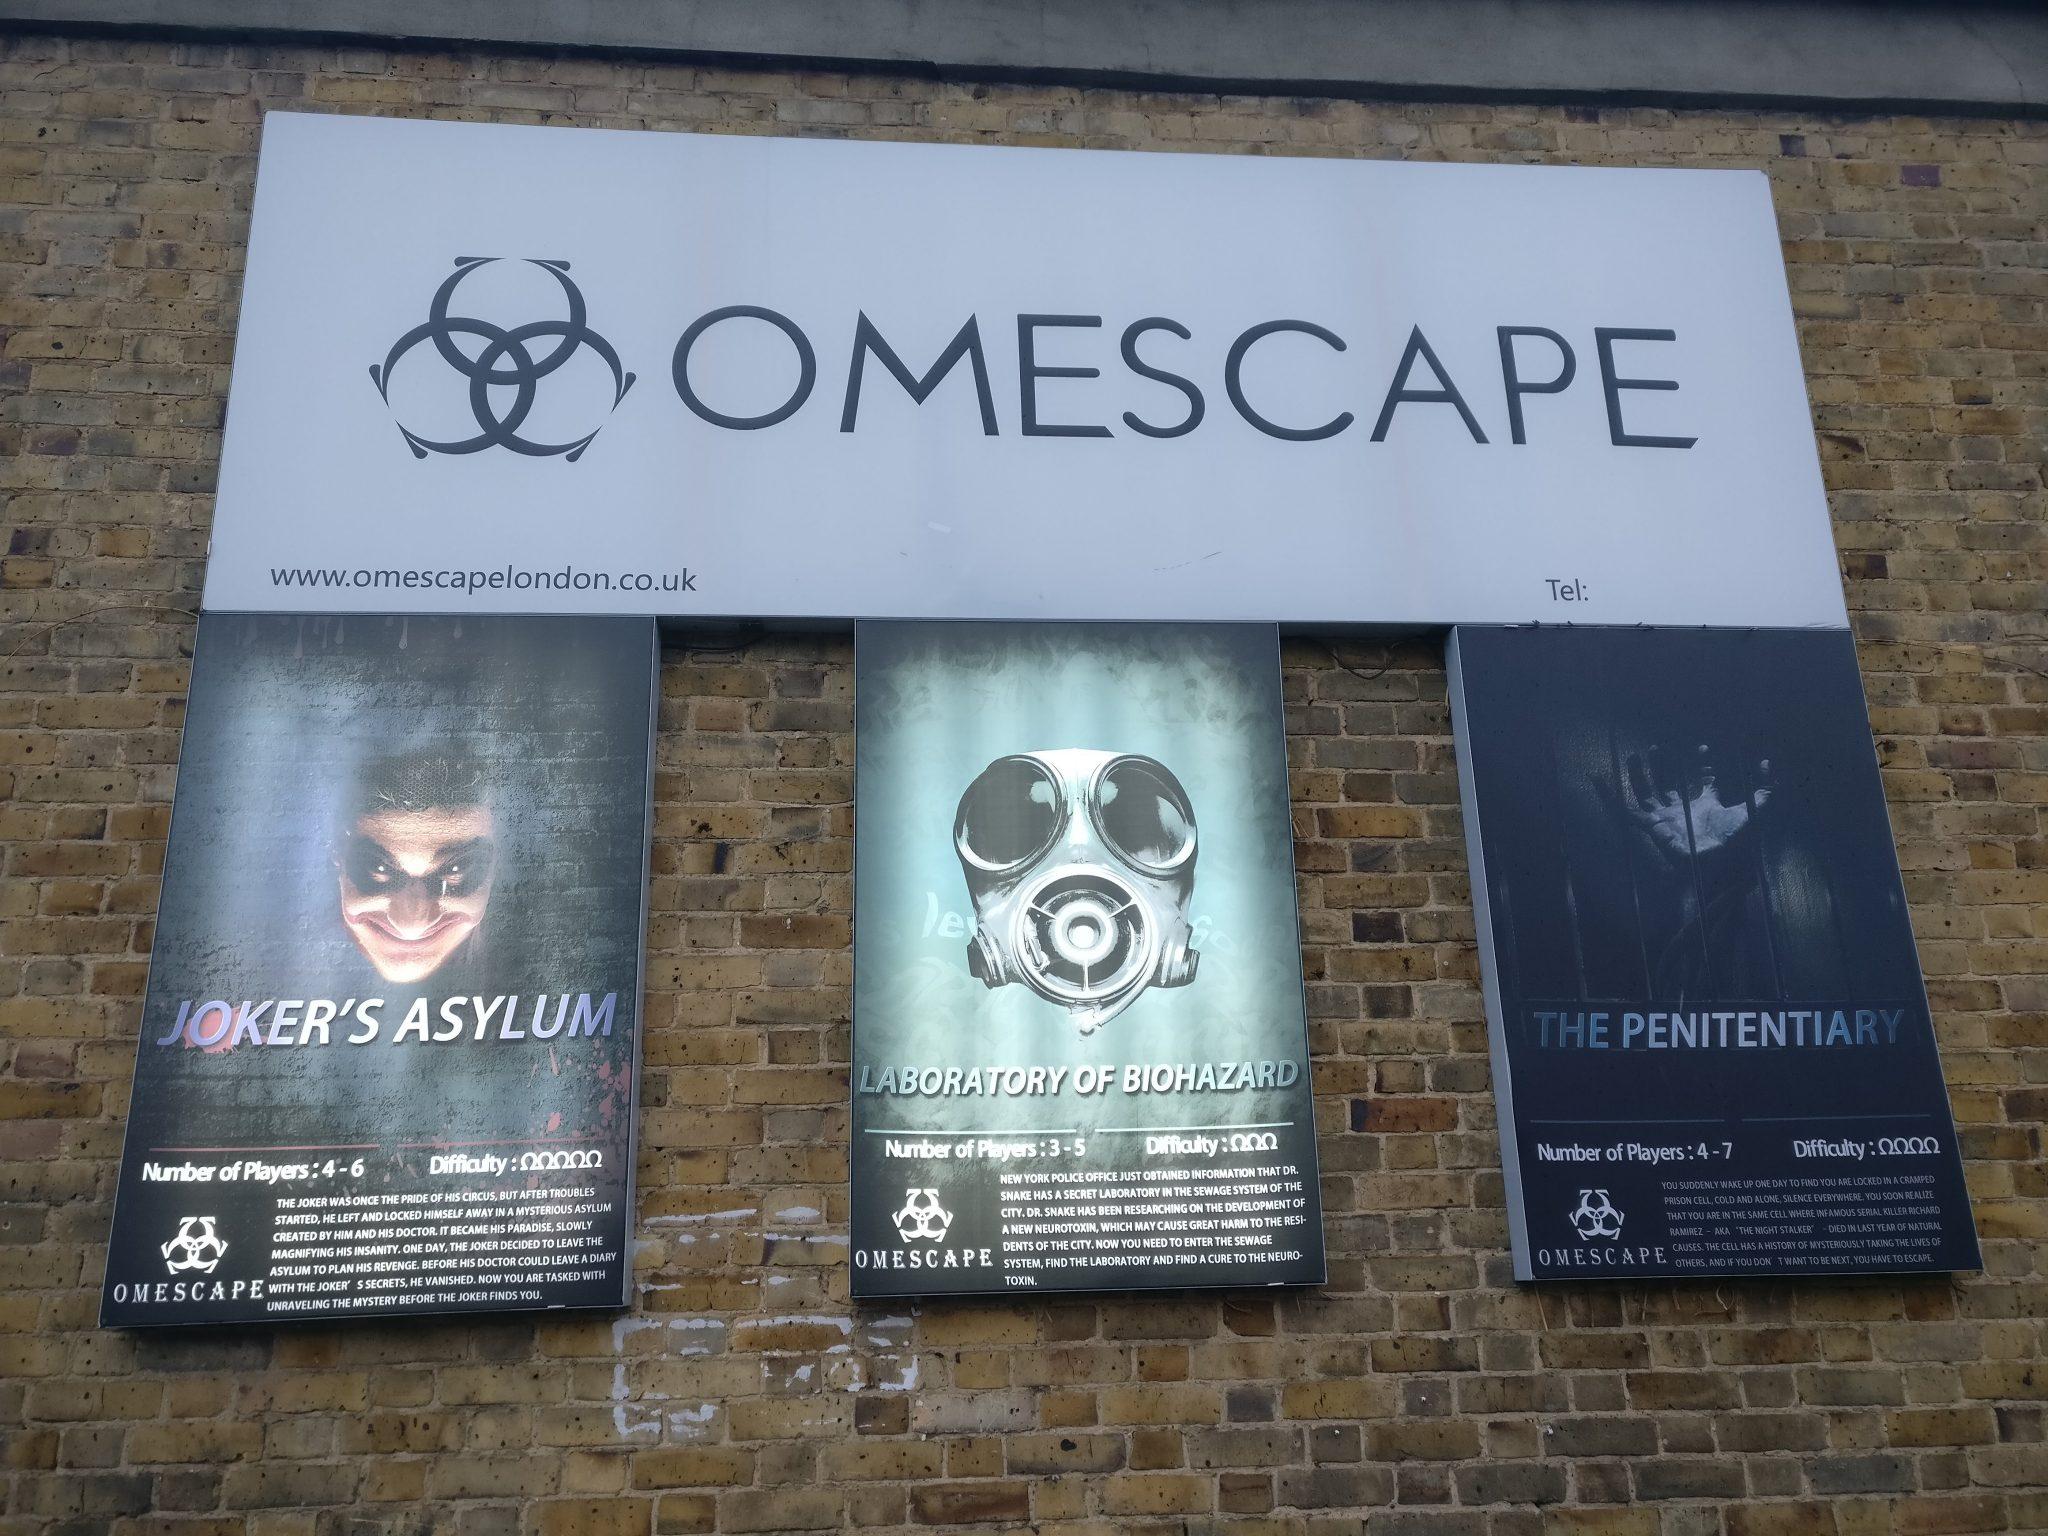 Omescape signs